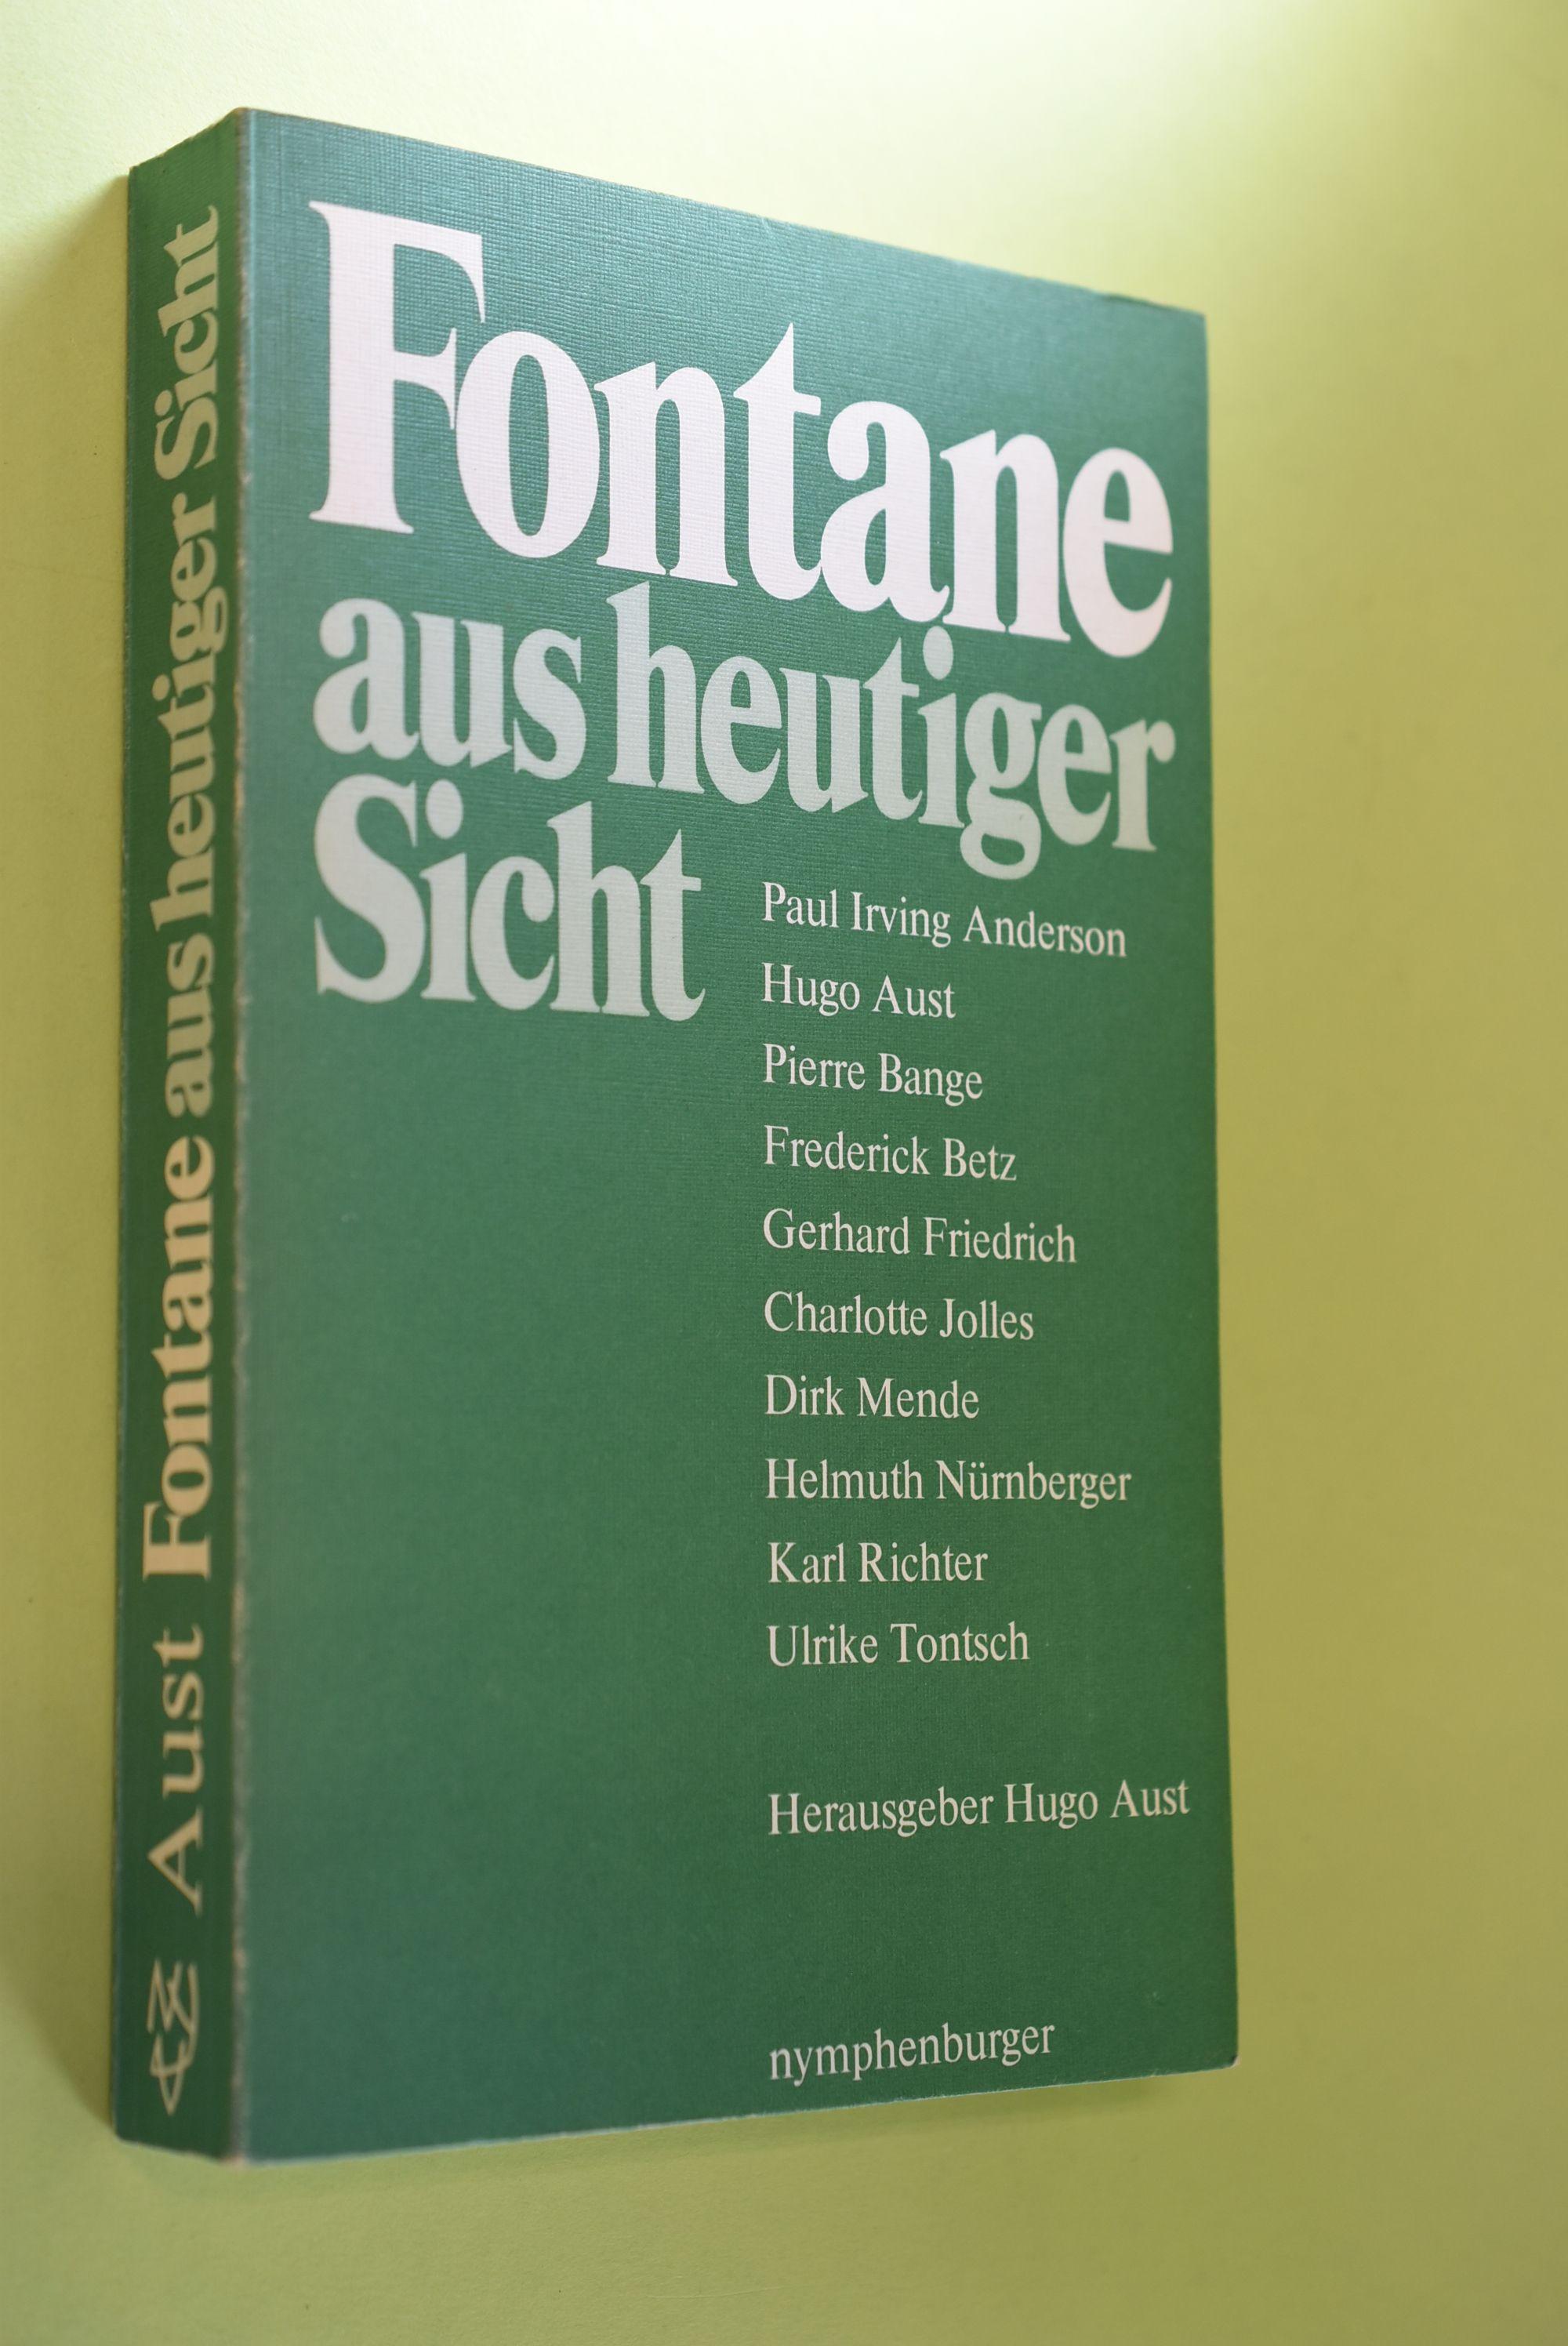 Fontane aus heutiger Sicht : Analysen und Interpretationen seines Werks ; 10 Beiträge Hrsg.: Hugo Aust - Aust, Hugo (Herausgeber)